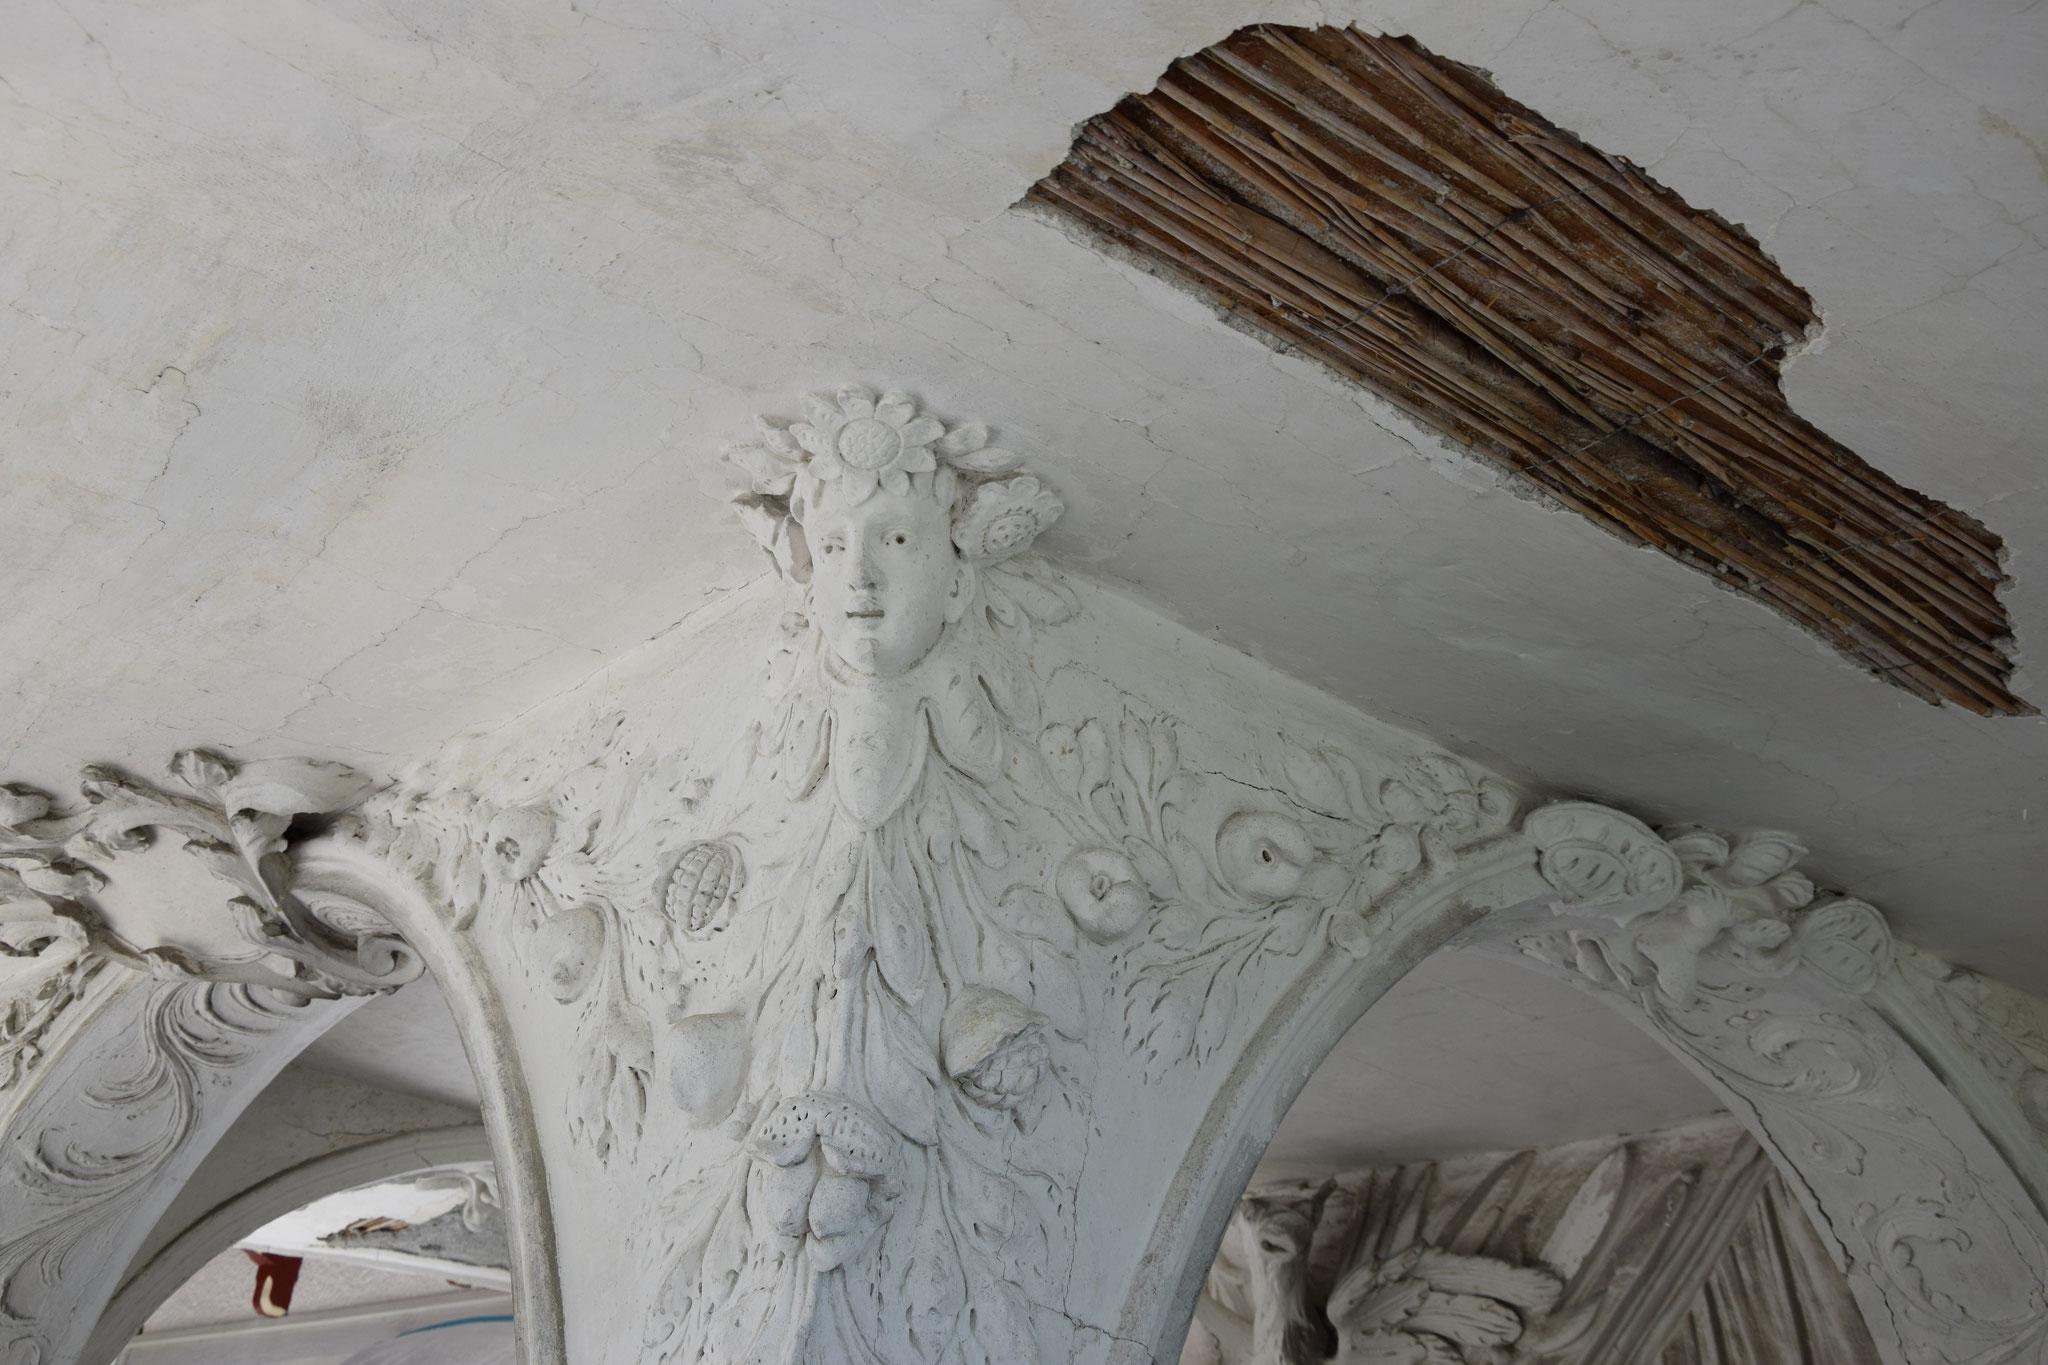 Vorzeichen während der Restaurierung